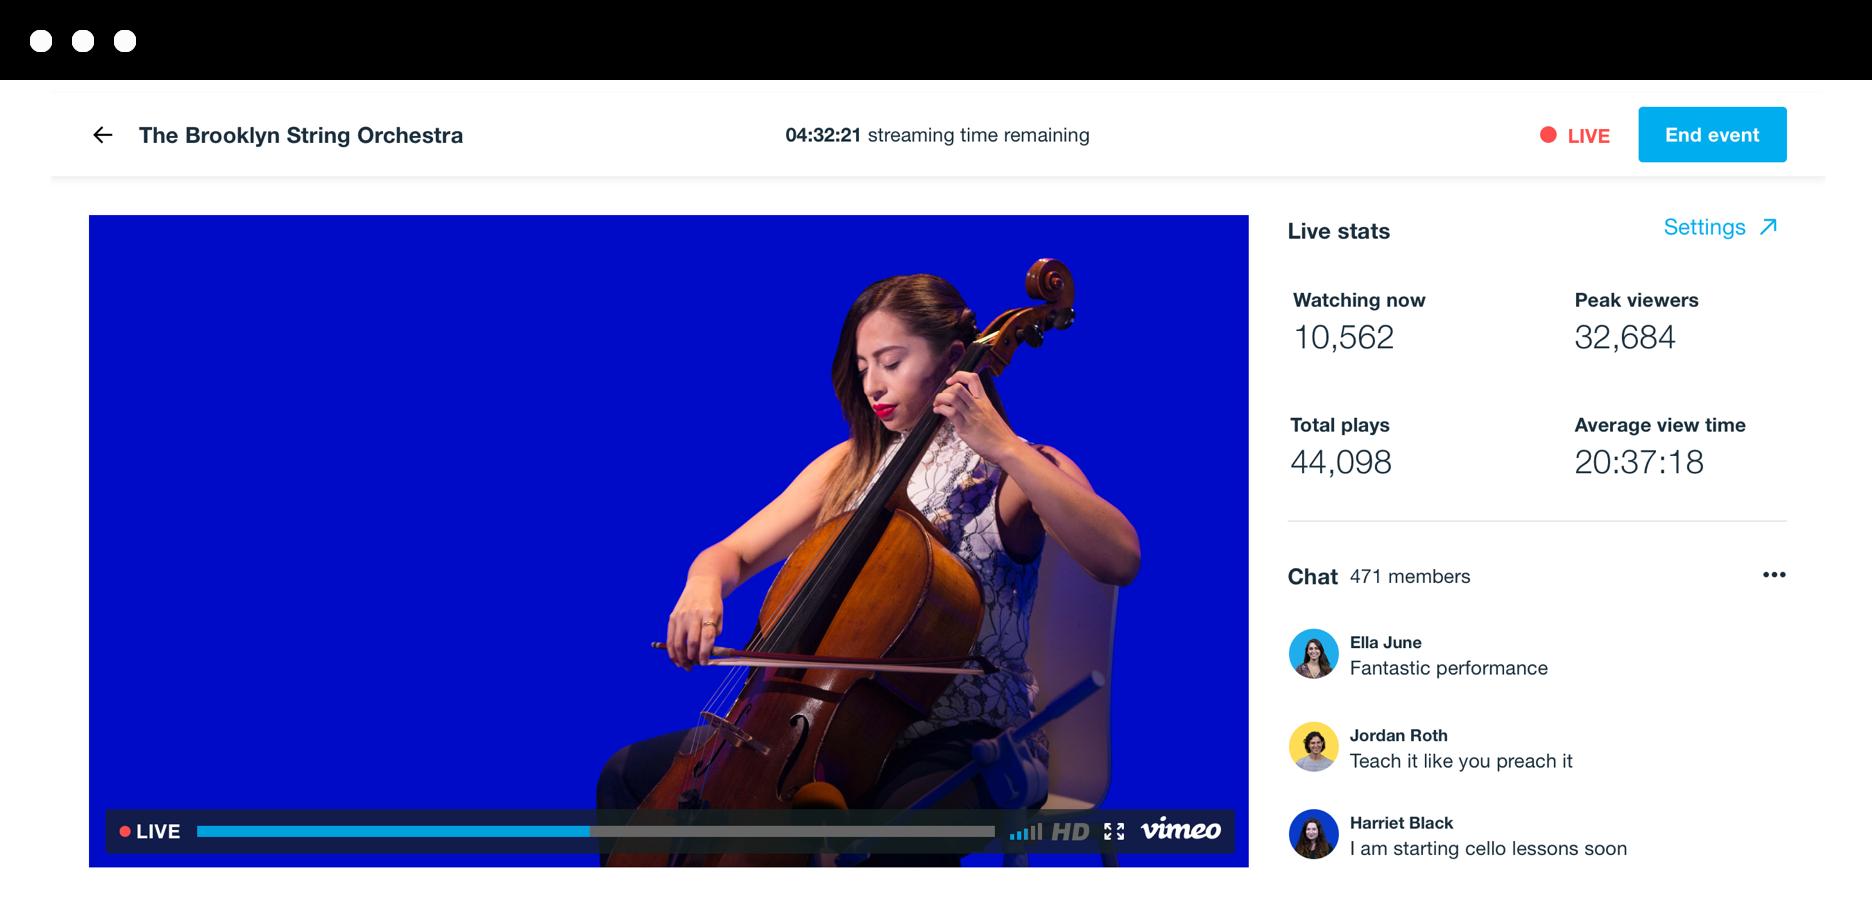 チェロ奏者によるライブ配信の静止画像。動画プレーヤーとライブ統計情報、視聴者チャットが右側にリアルタイムで表示される様子。